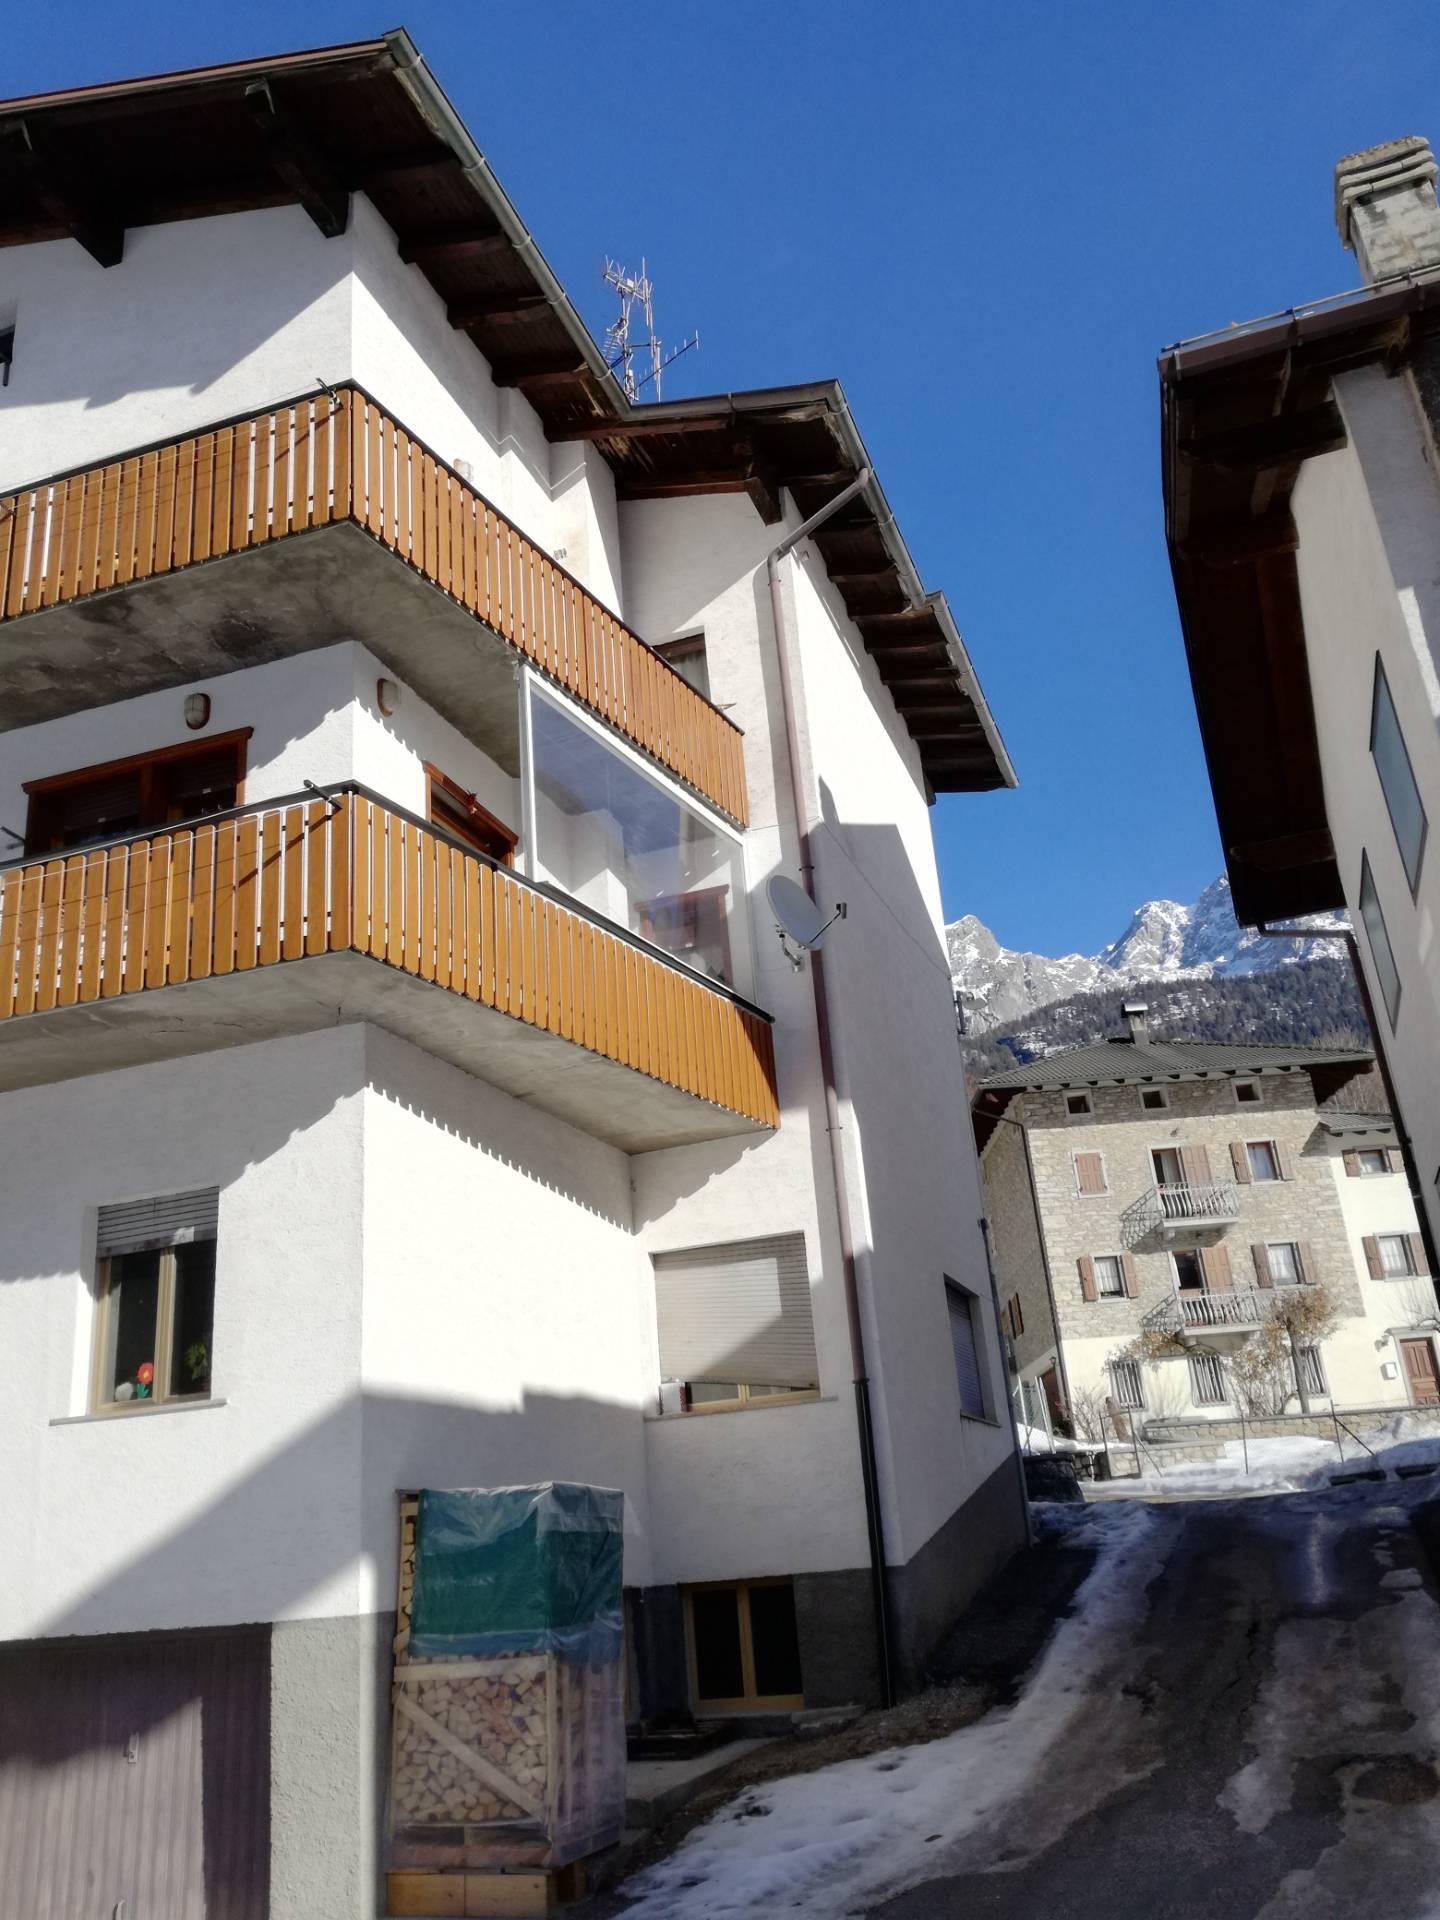 Appartamento in vendita a Vigo di Cadore, 5 locali, prezzo € 130.000 | CambioCasa.it